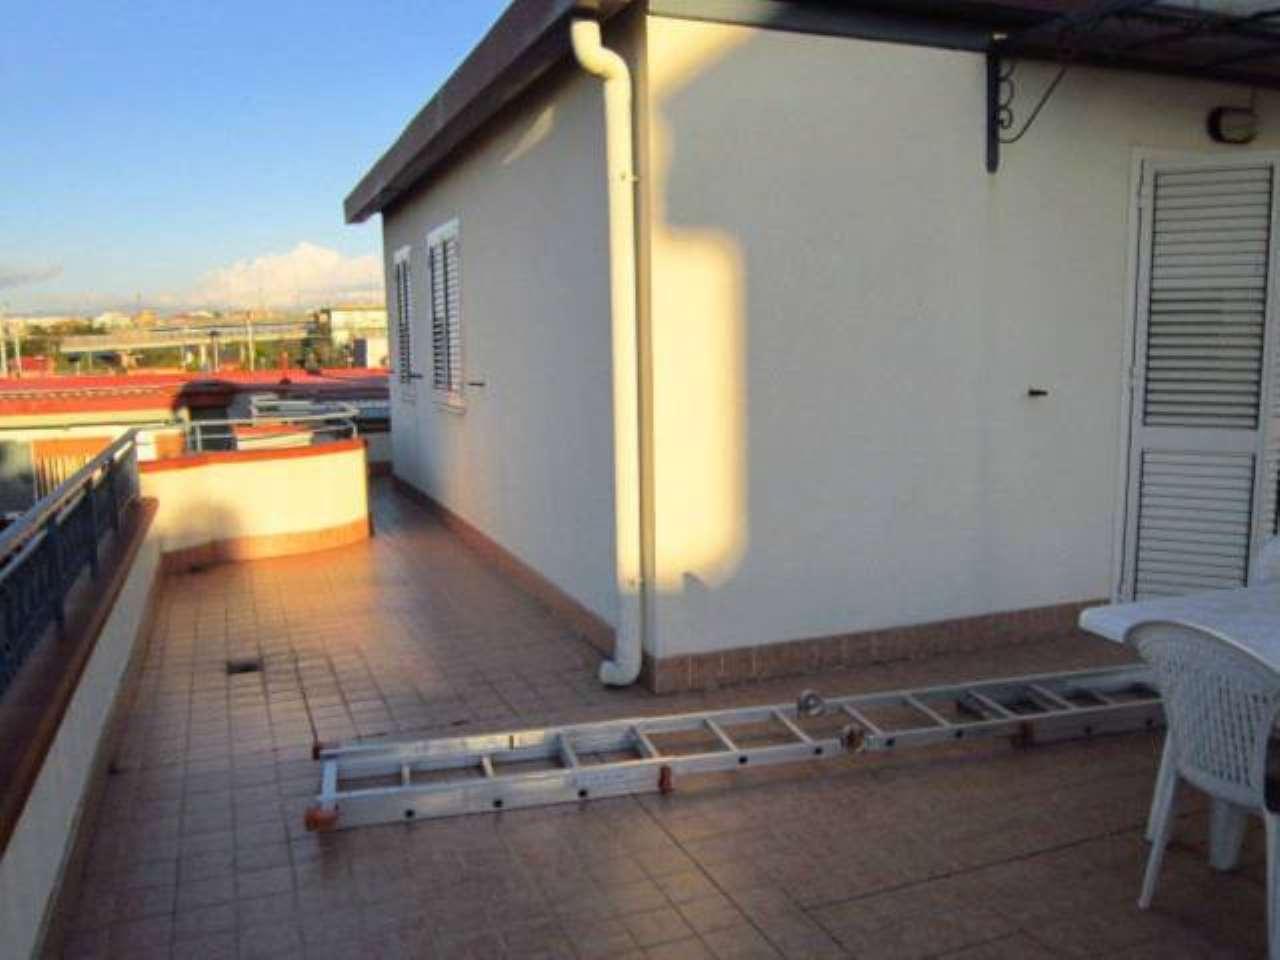 Appartamento in affitto a Napoli, 2 locali, zona Zona: 6 . Ponticelli, Barra, San Giovanni a Teduccio, prezzo € 550 | CambioCasa.it